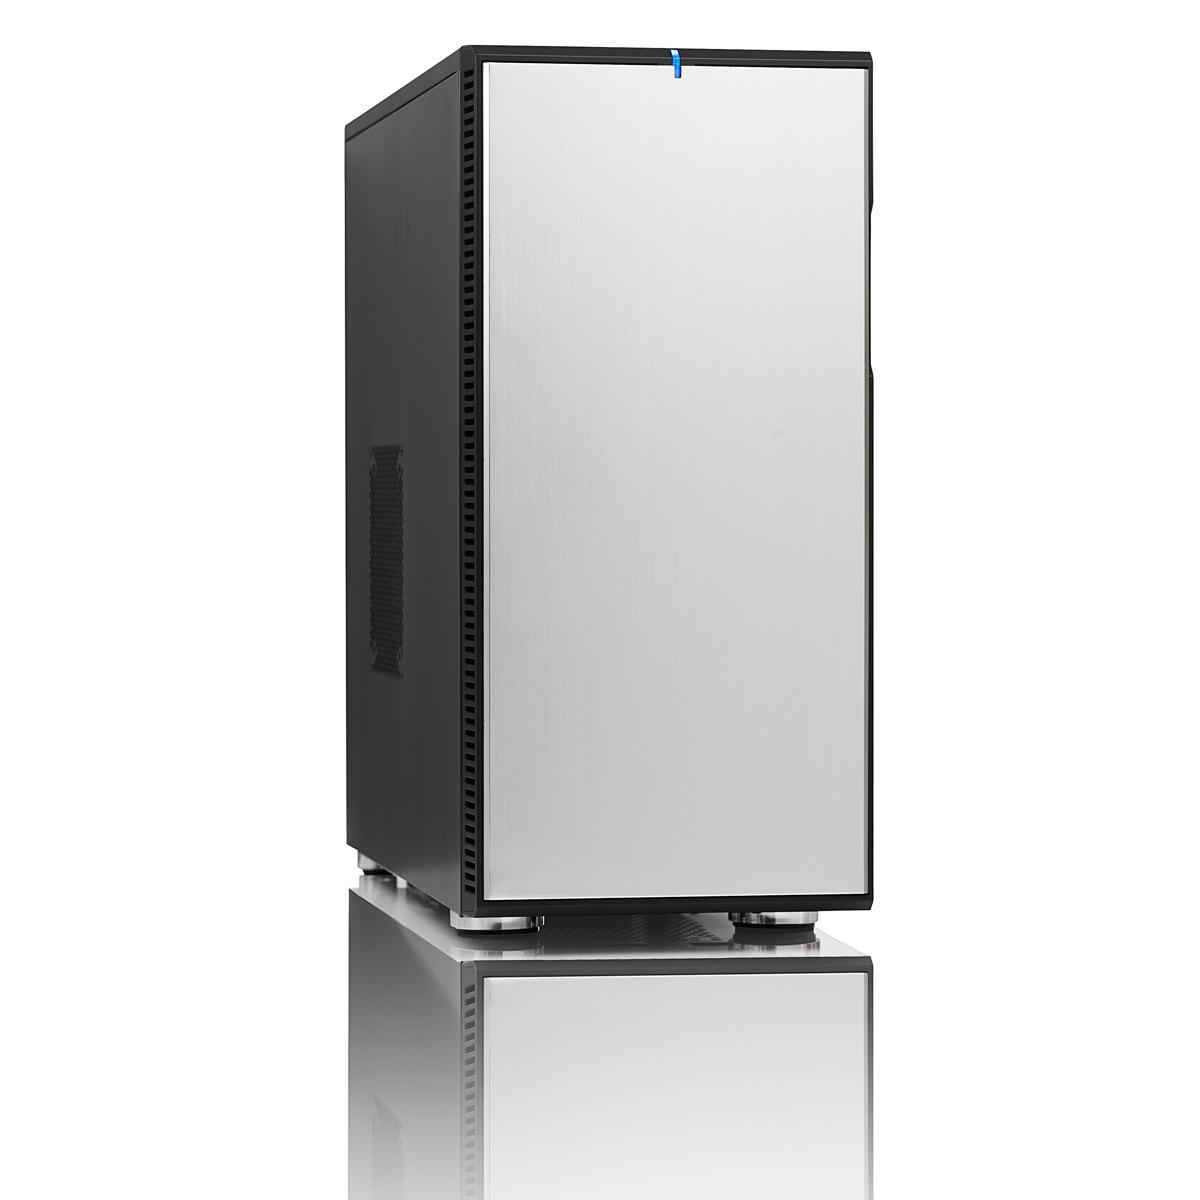 Boîtier PC Fractal Design Define R3 USB 3.0 Silver Arrow Boîtier Moyen Tour Argent/Noir